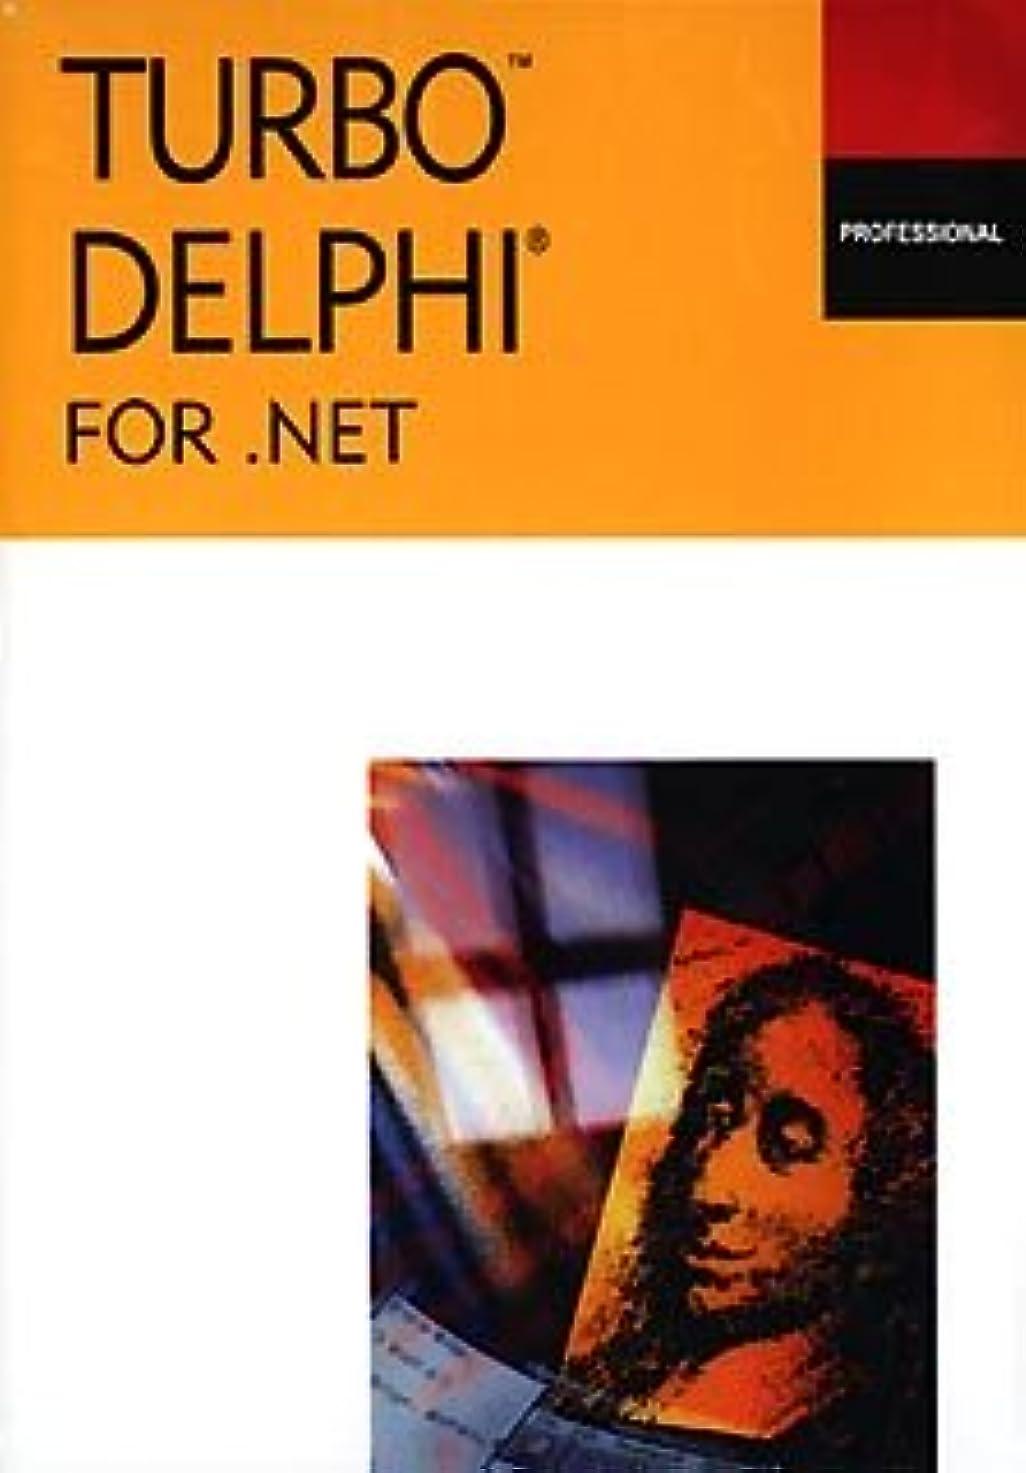 失業者誕生請求可能Turbo Delphi .NET Professional